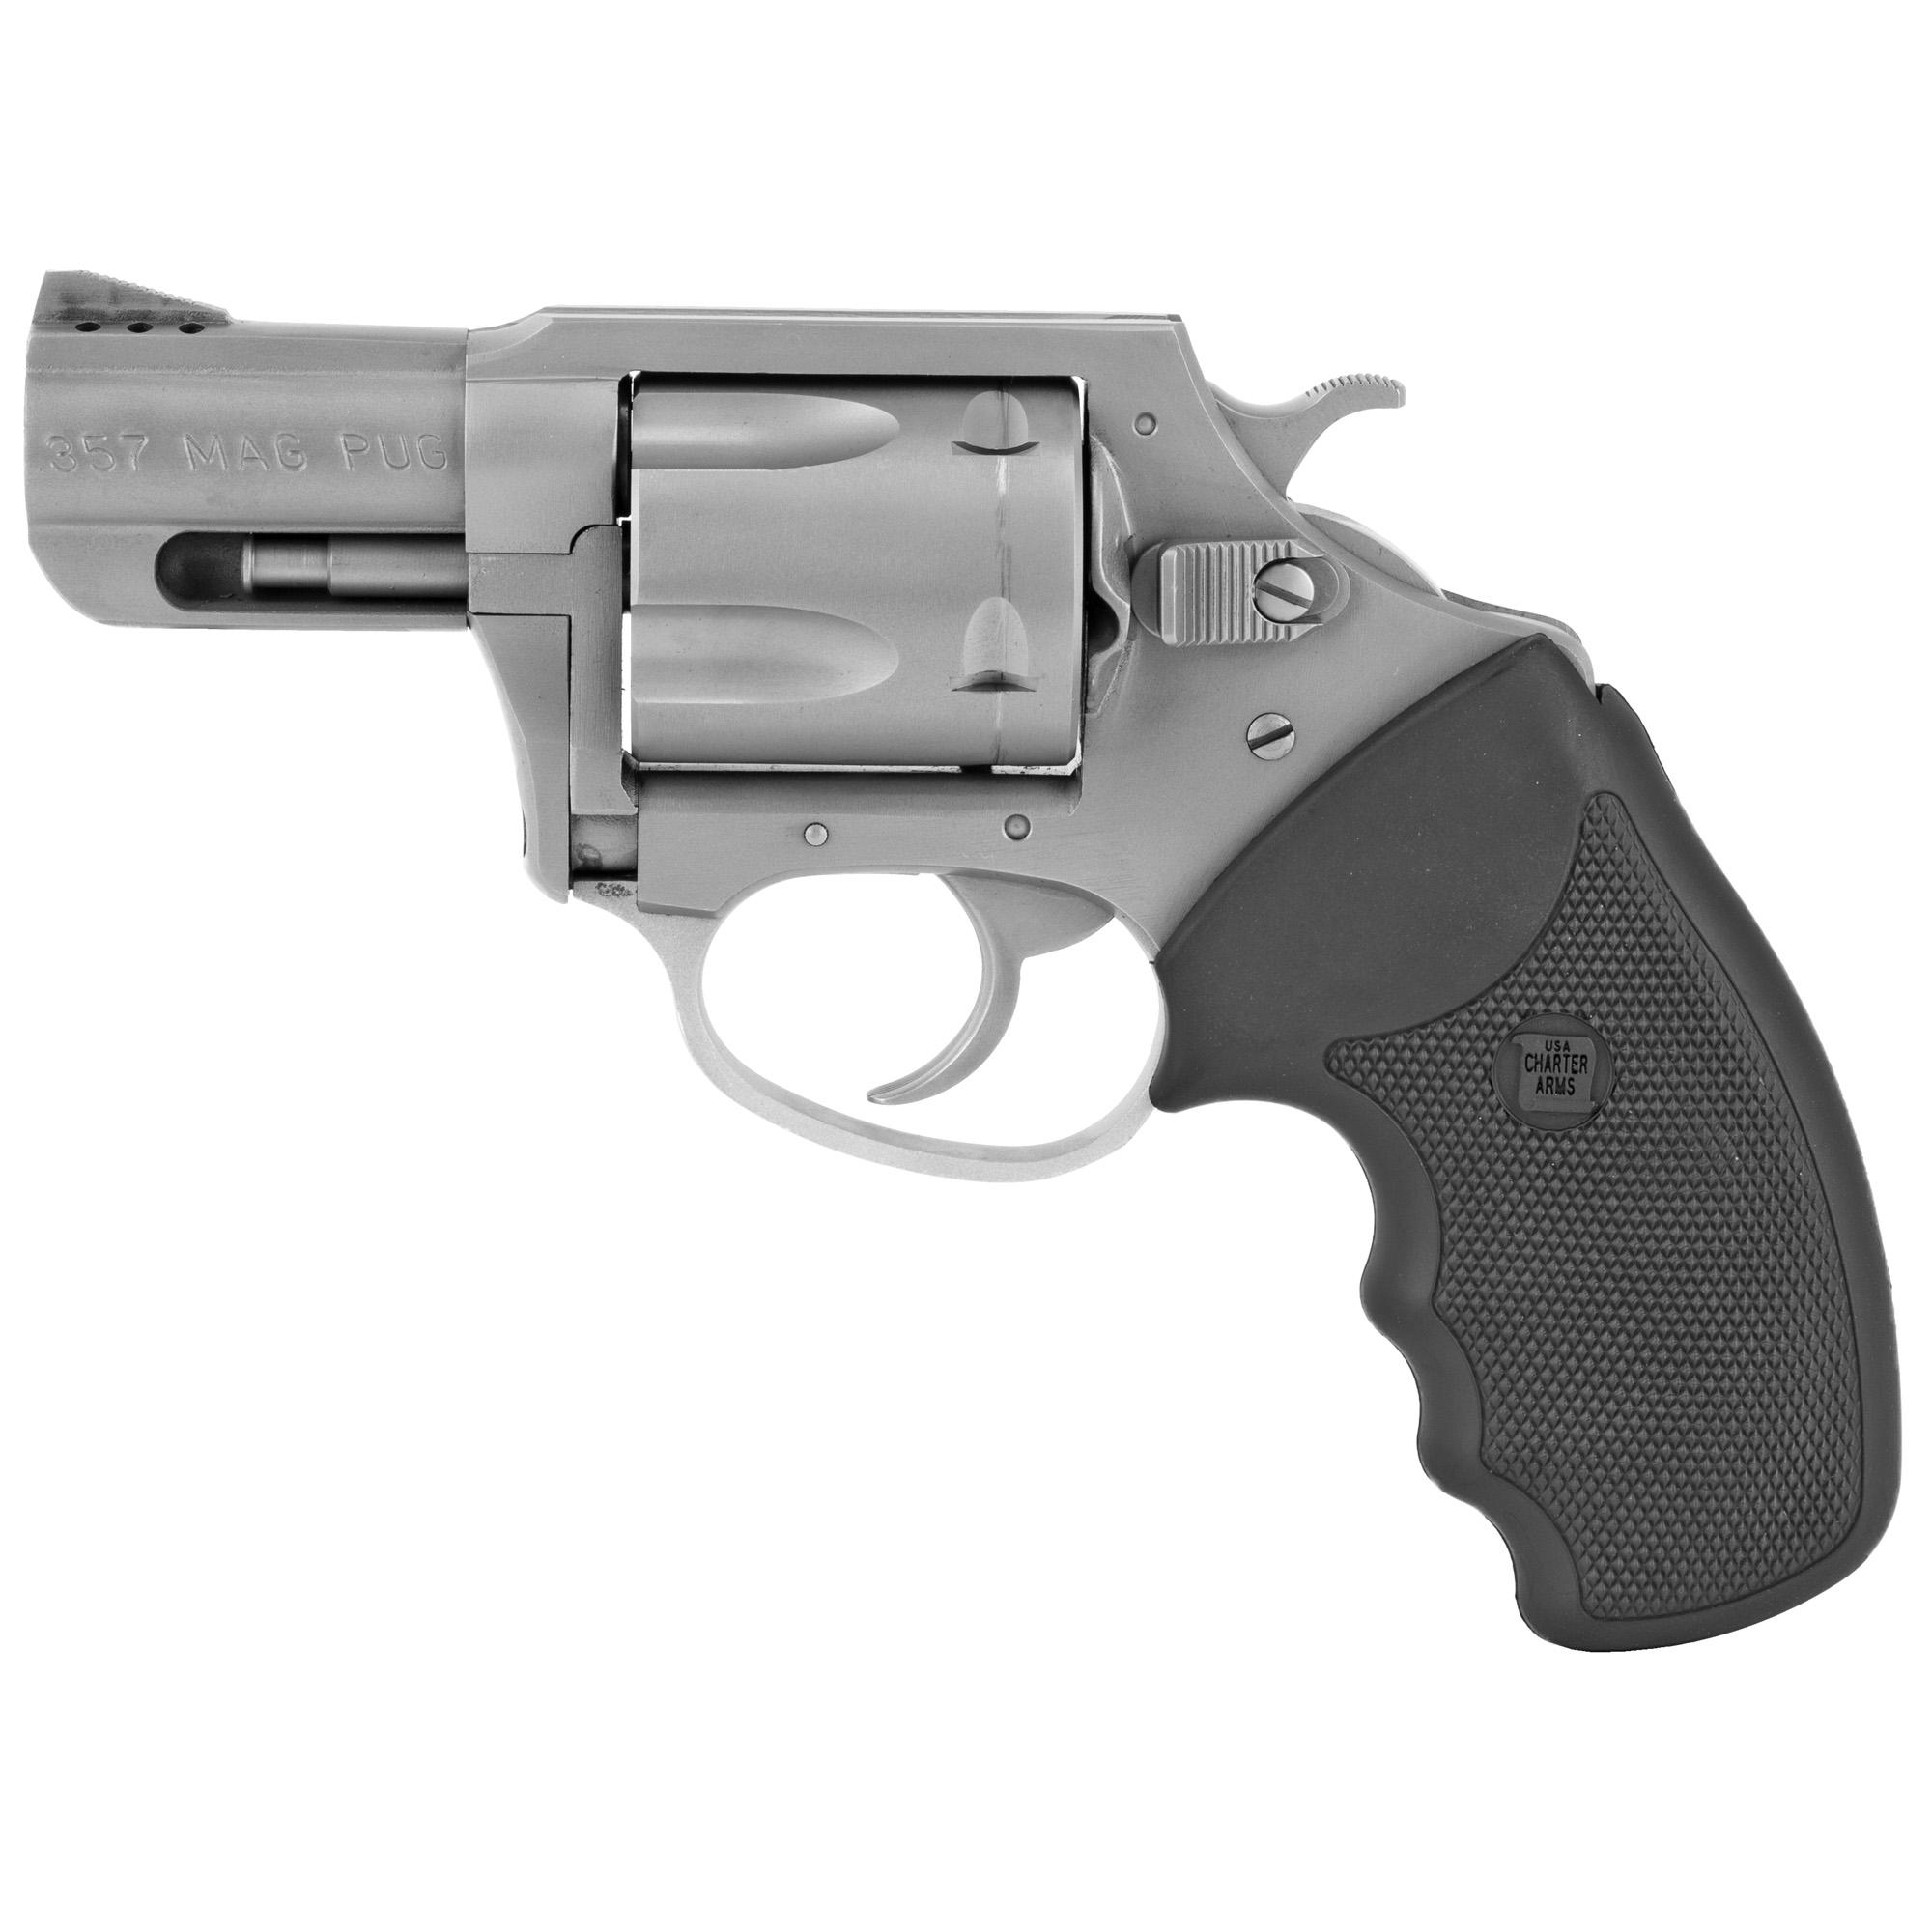 """Charter Arms Magpug 357 2.2"""" 5rd Ss"""